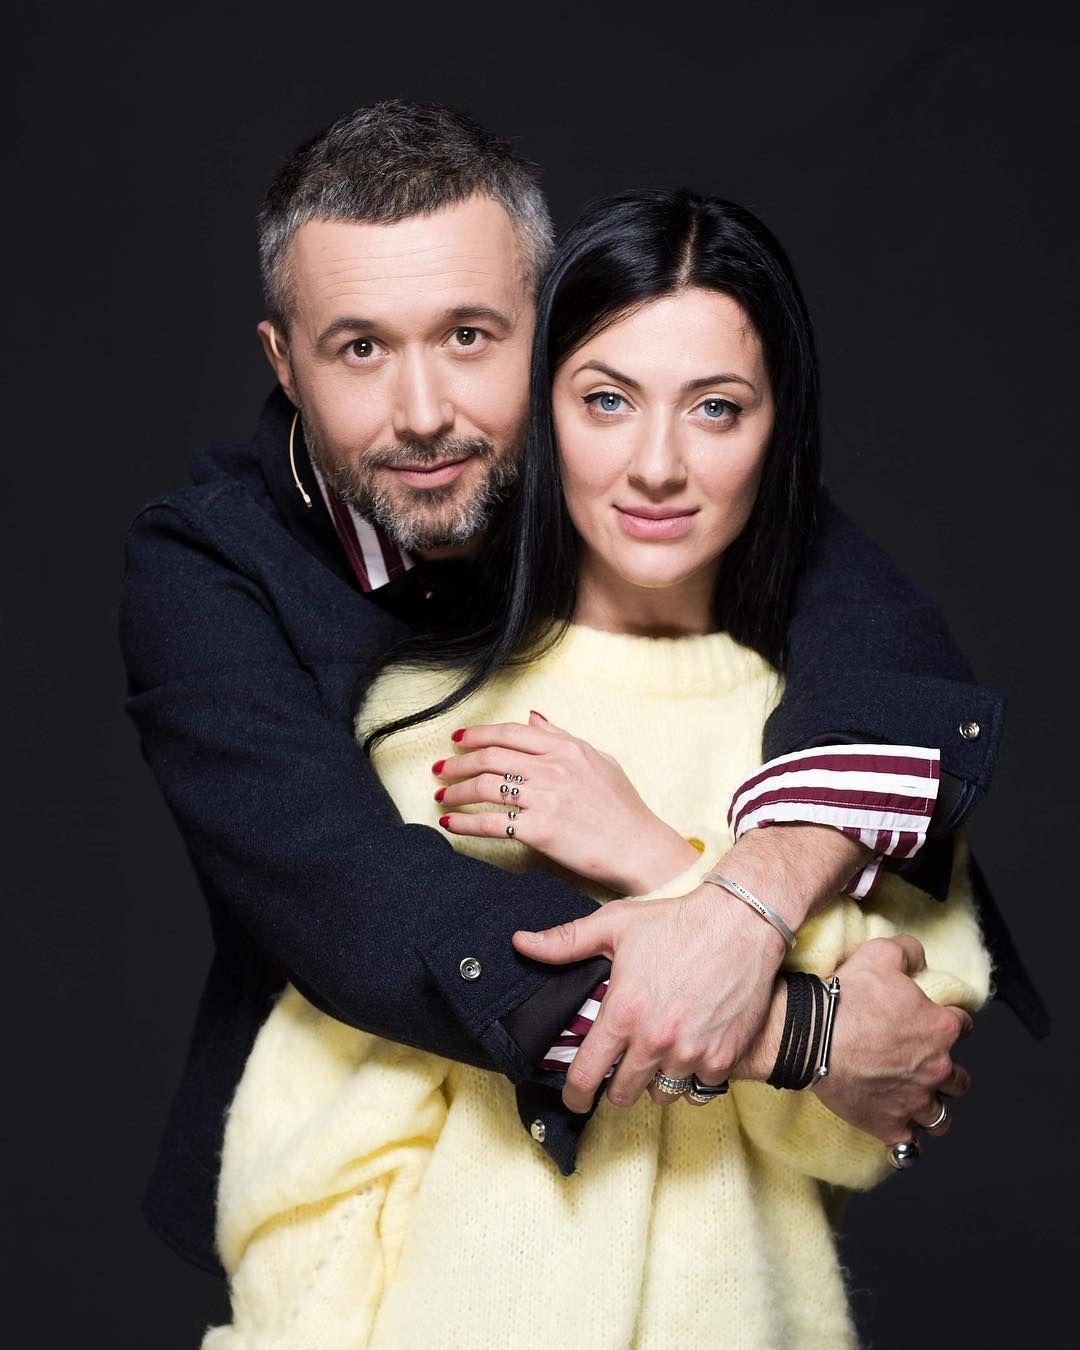 Как украинские звезды поздравили своих половинок и поклонников с Днем Валентина - фото 369145